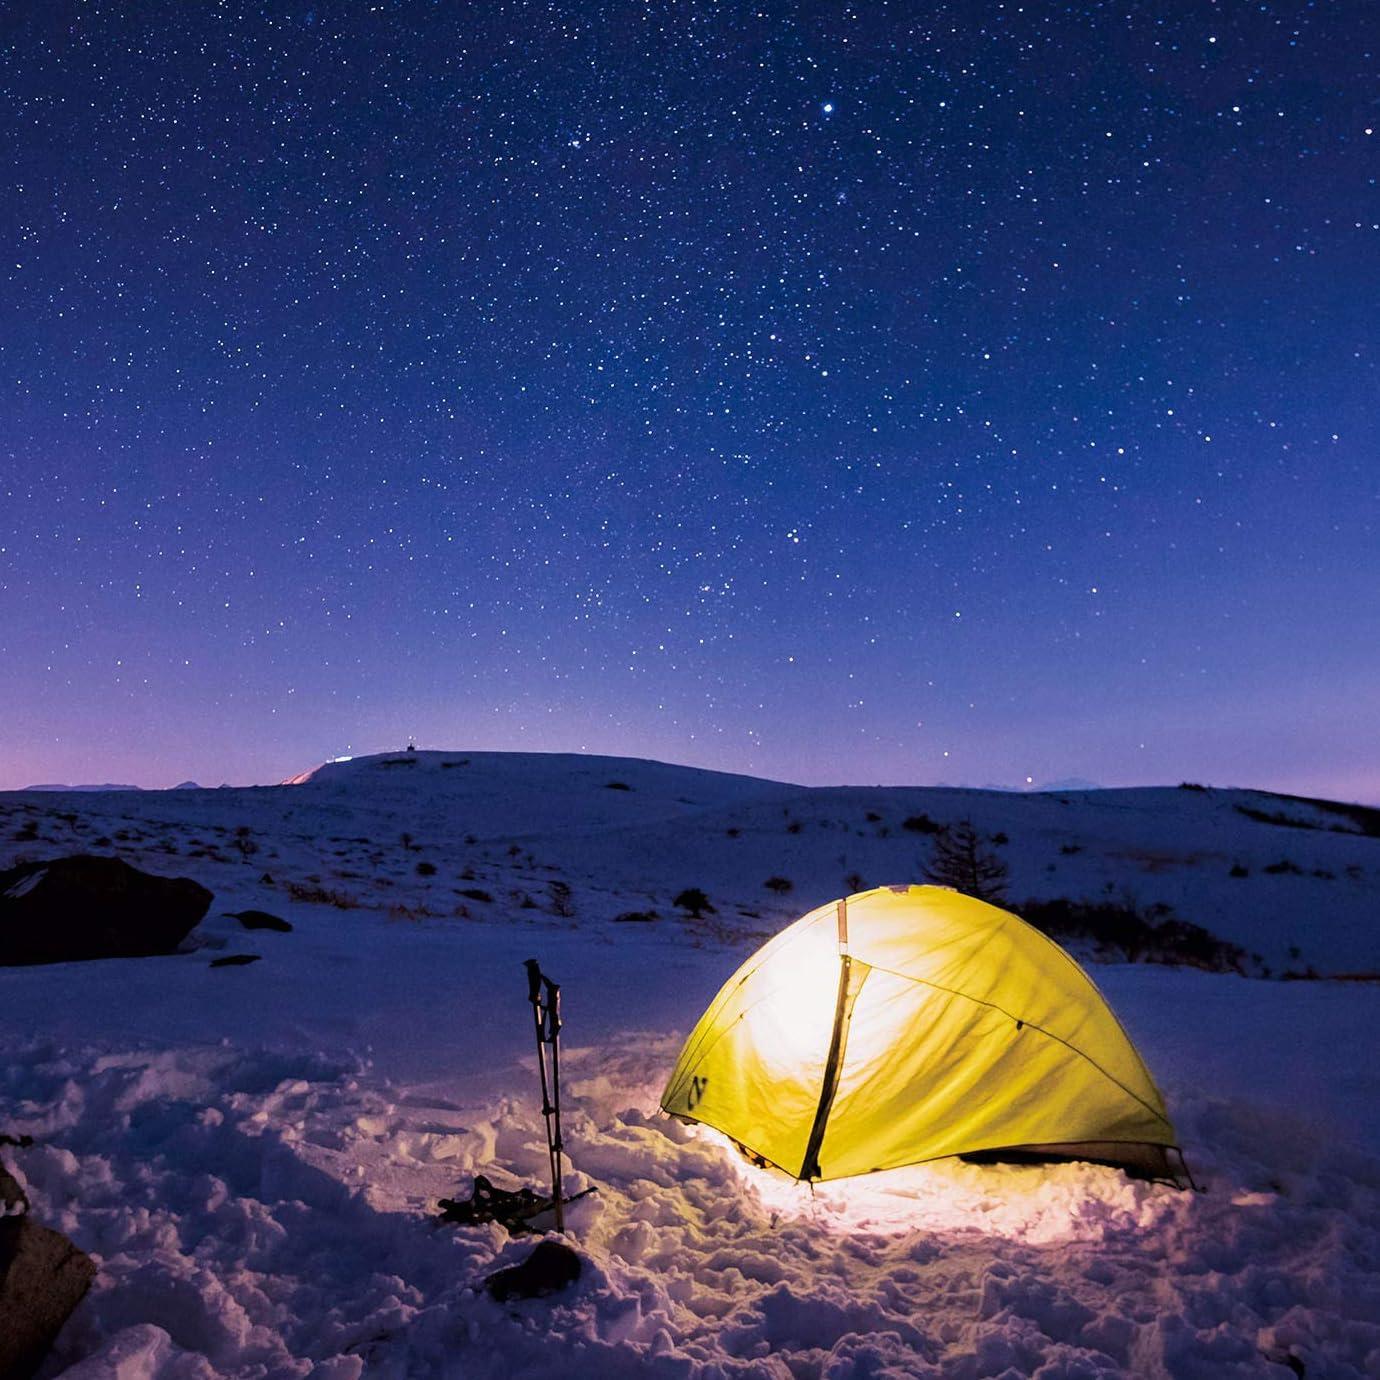 星空 Ipad壁紙 真冬の星空を楽しむ雪原キャンプ その他 スマホ用画像145407